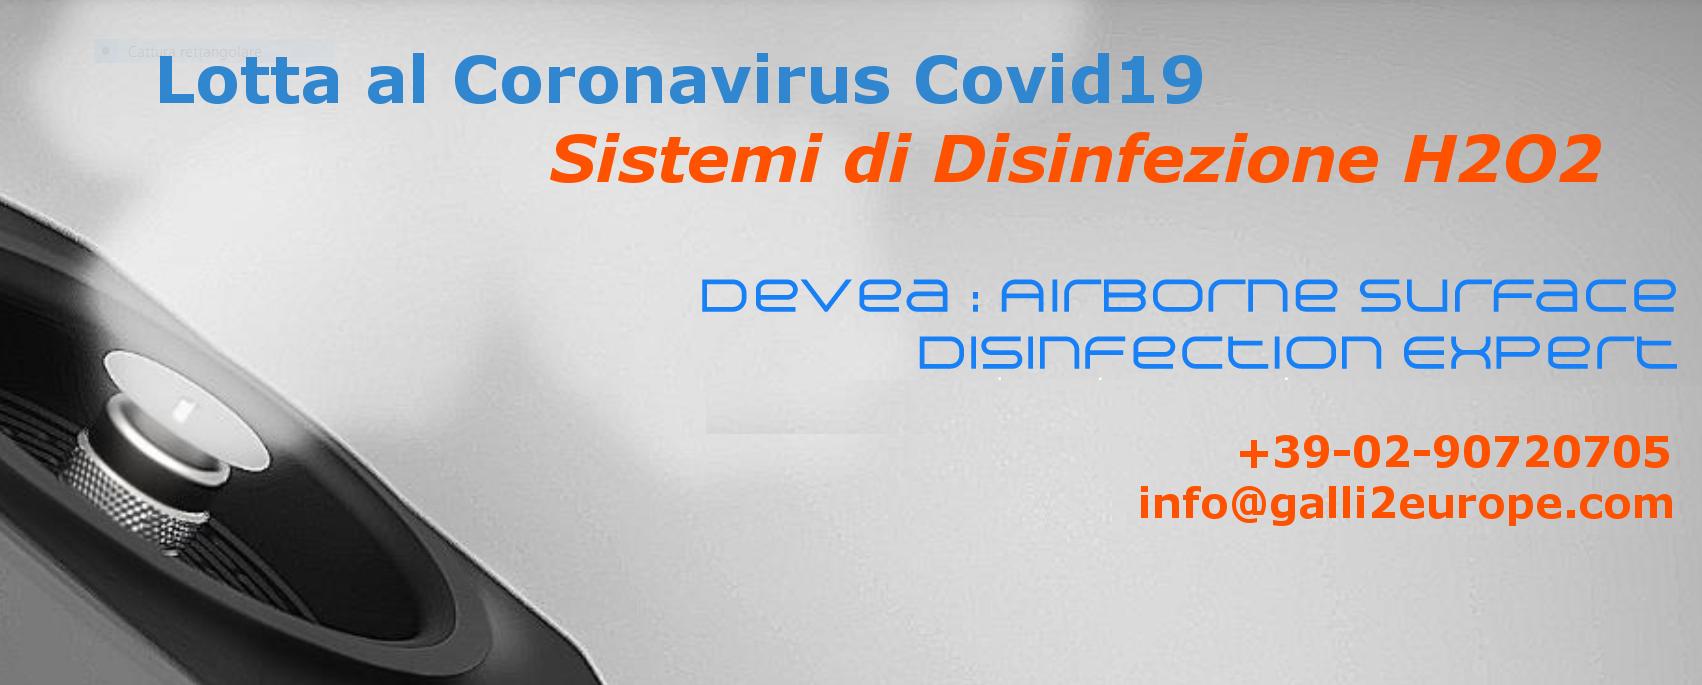 Galli-Devea-H2O2-Airborne-Disinfection-Disinfezione-Lotta Coronavirus-Covid19